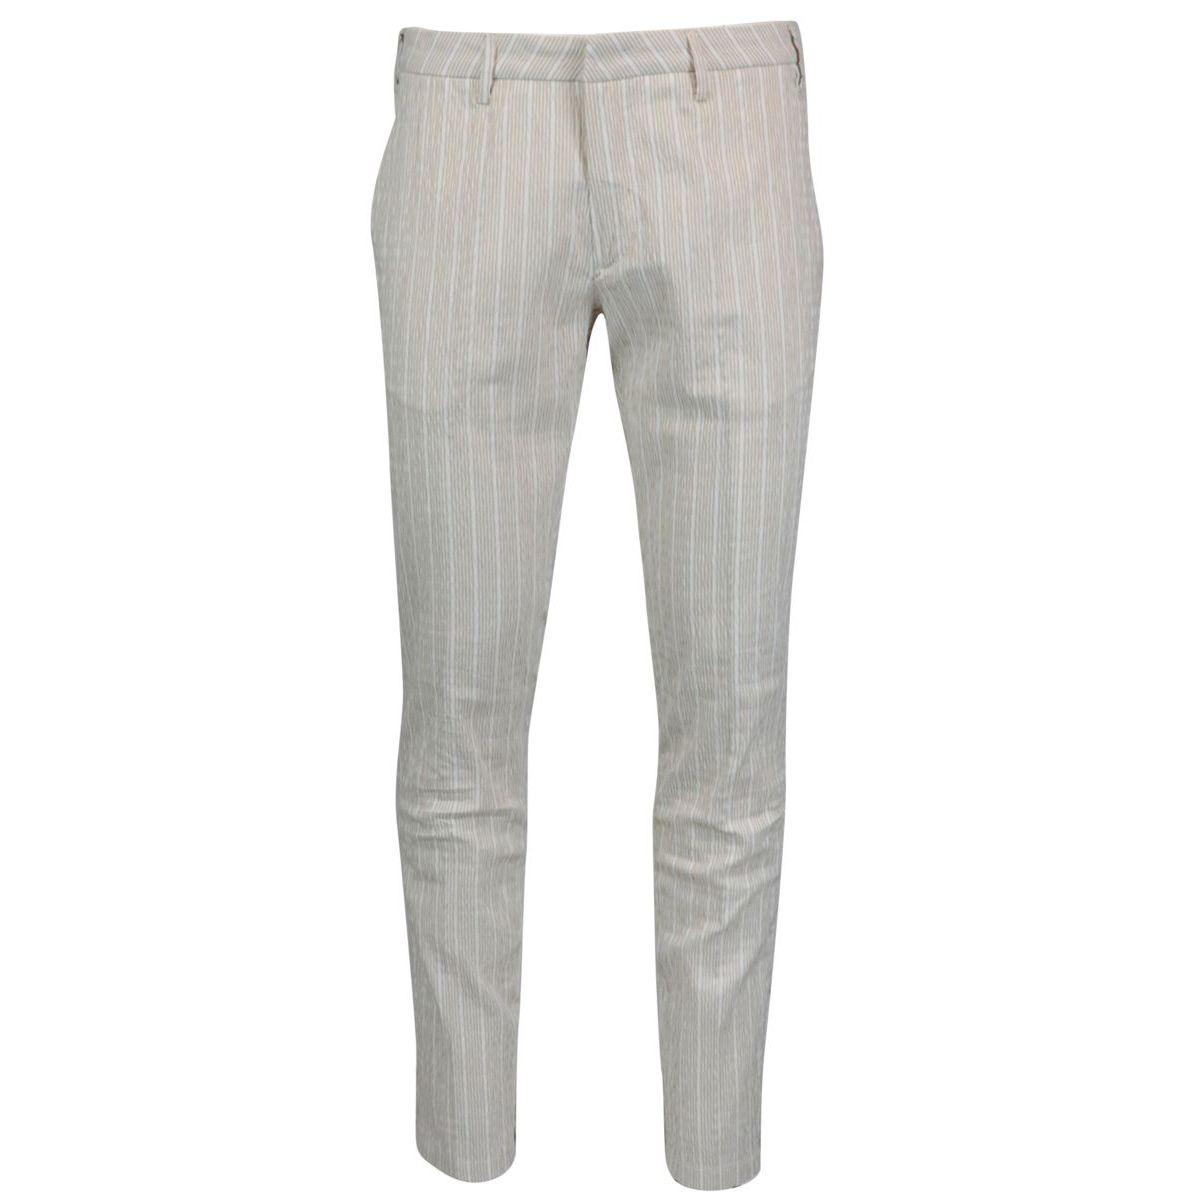 Slim trousers in seersucker cotton Beige Baronio